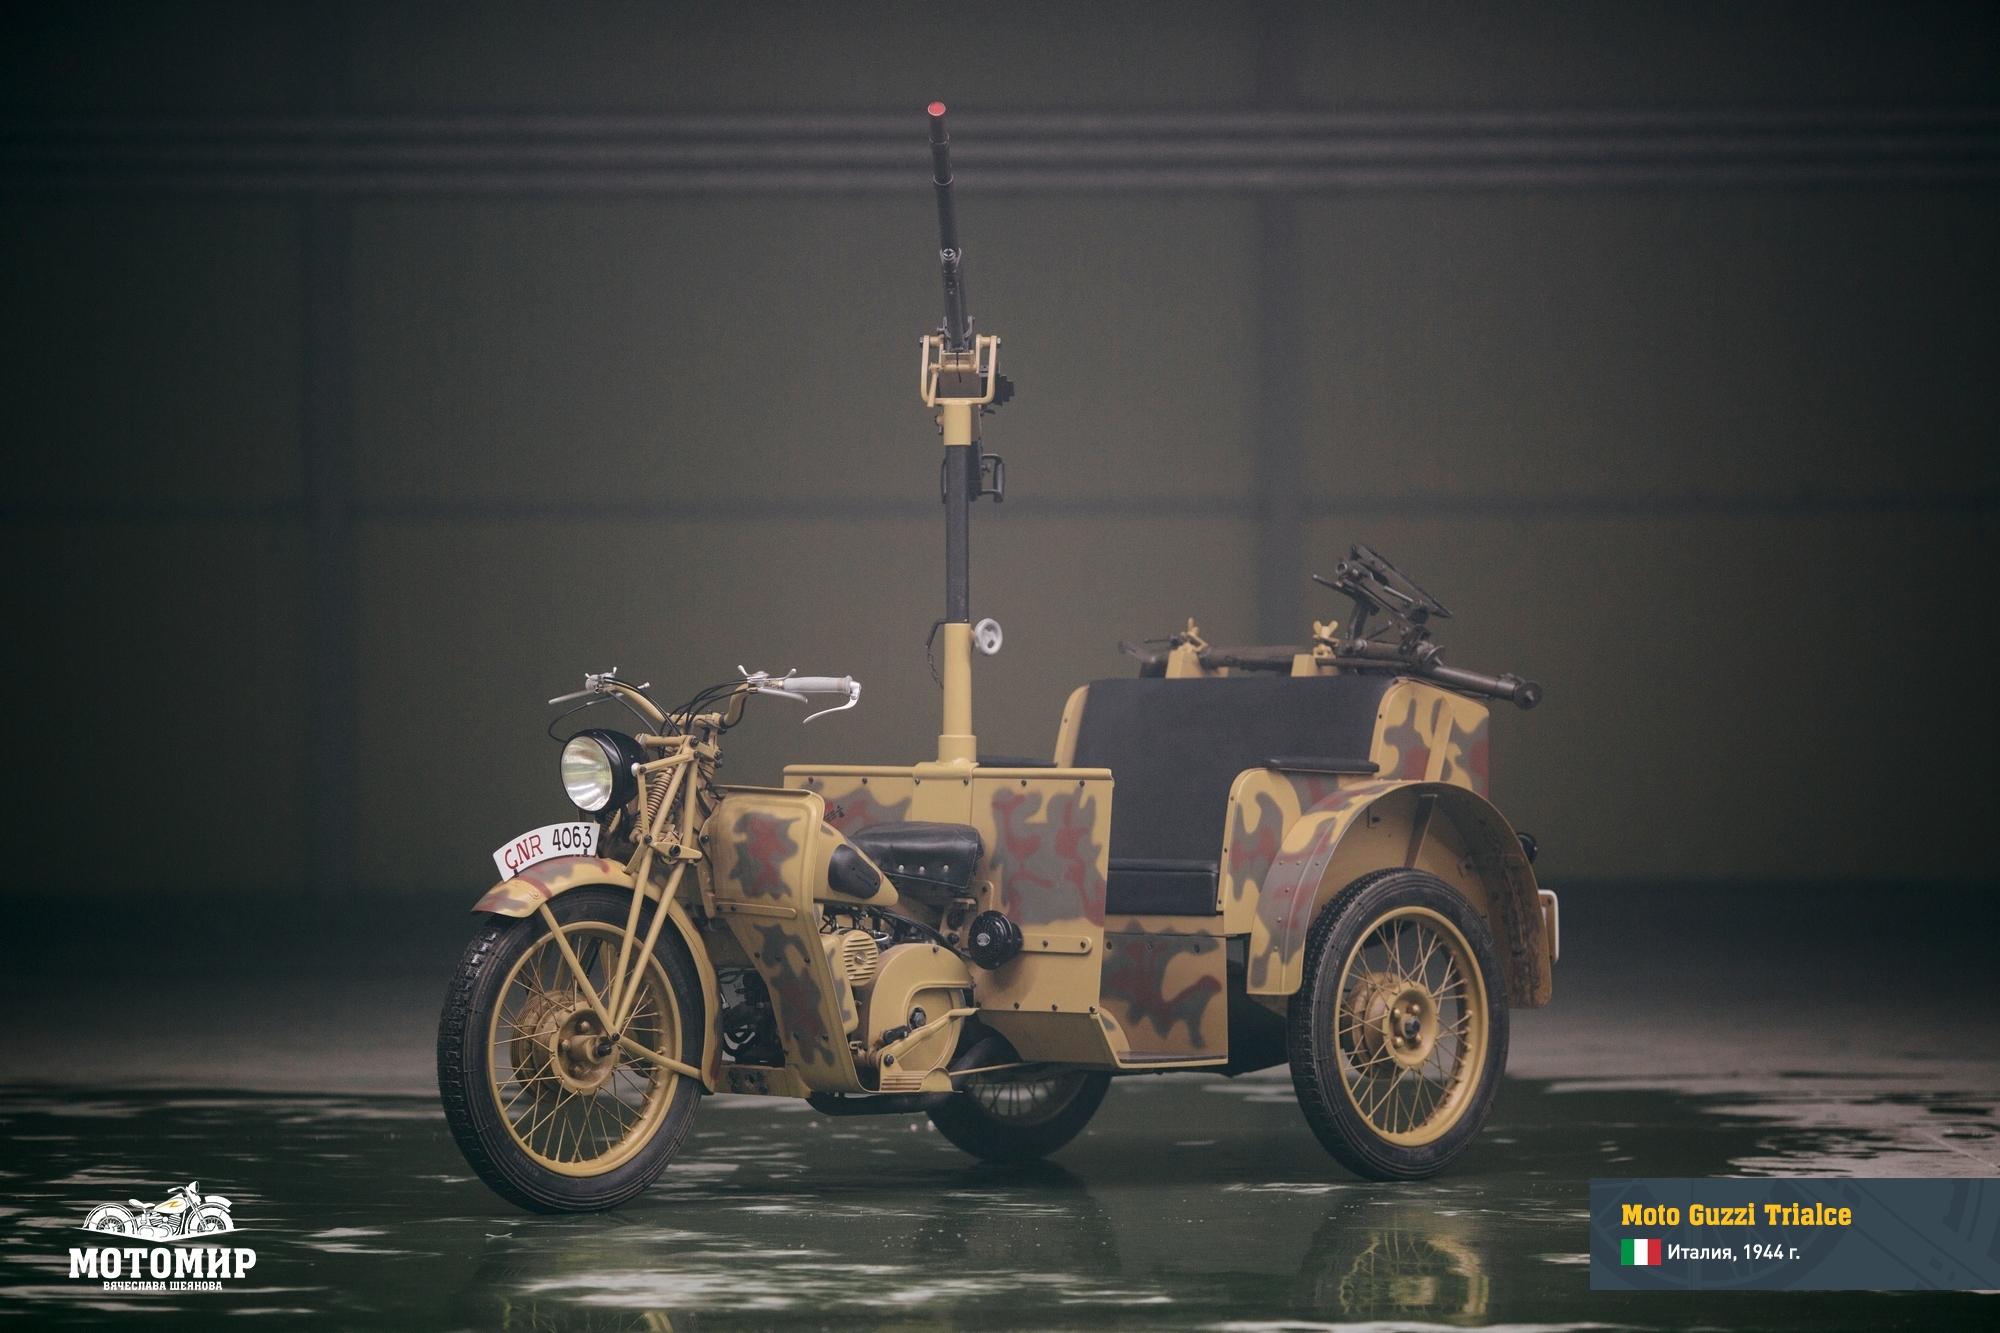 moto-guzzi-trialce-201502-web-02